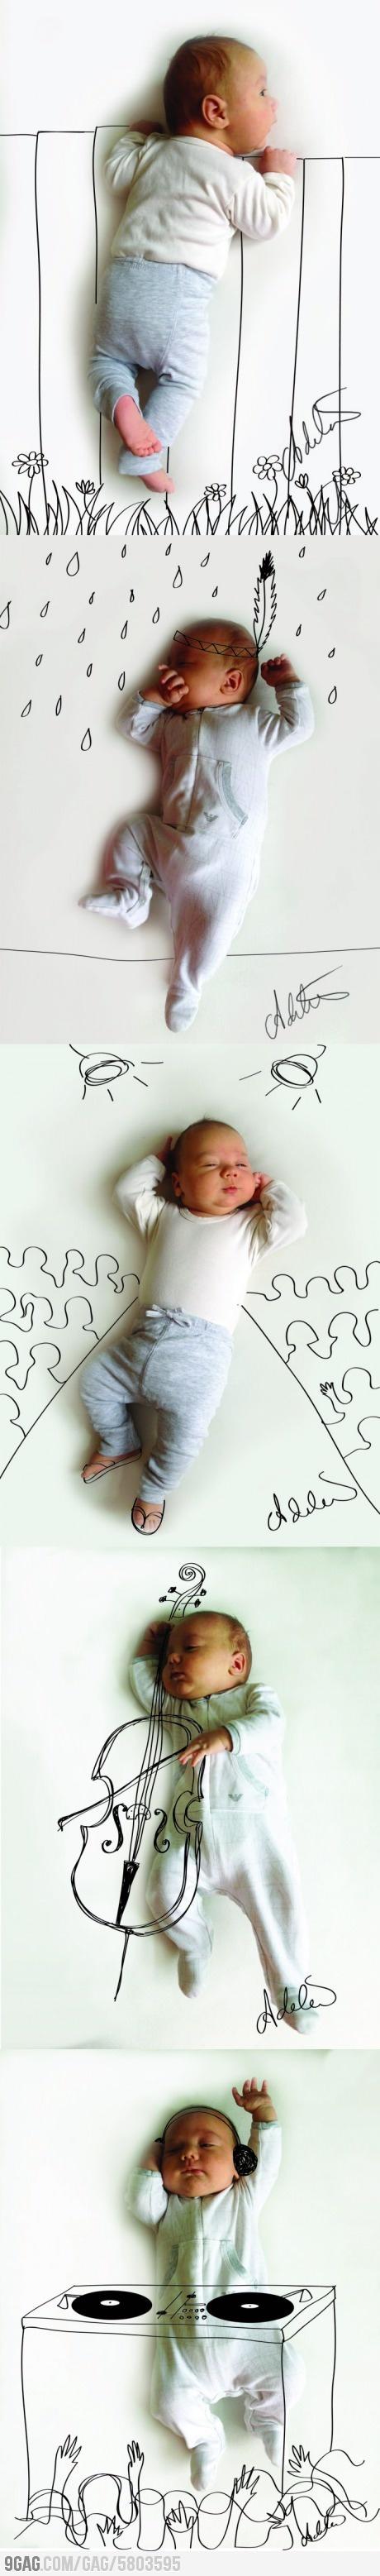 aankondiging geboorte sms